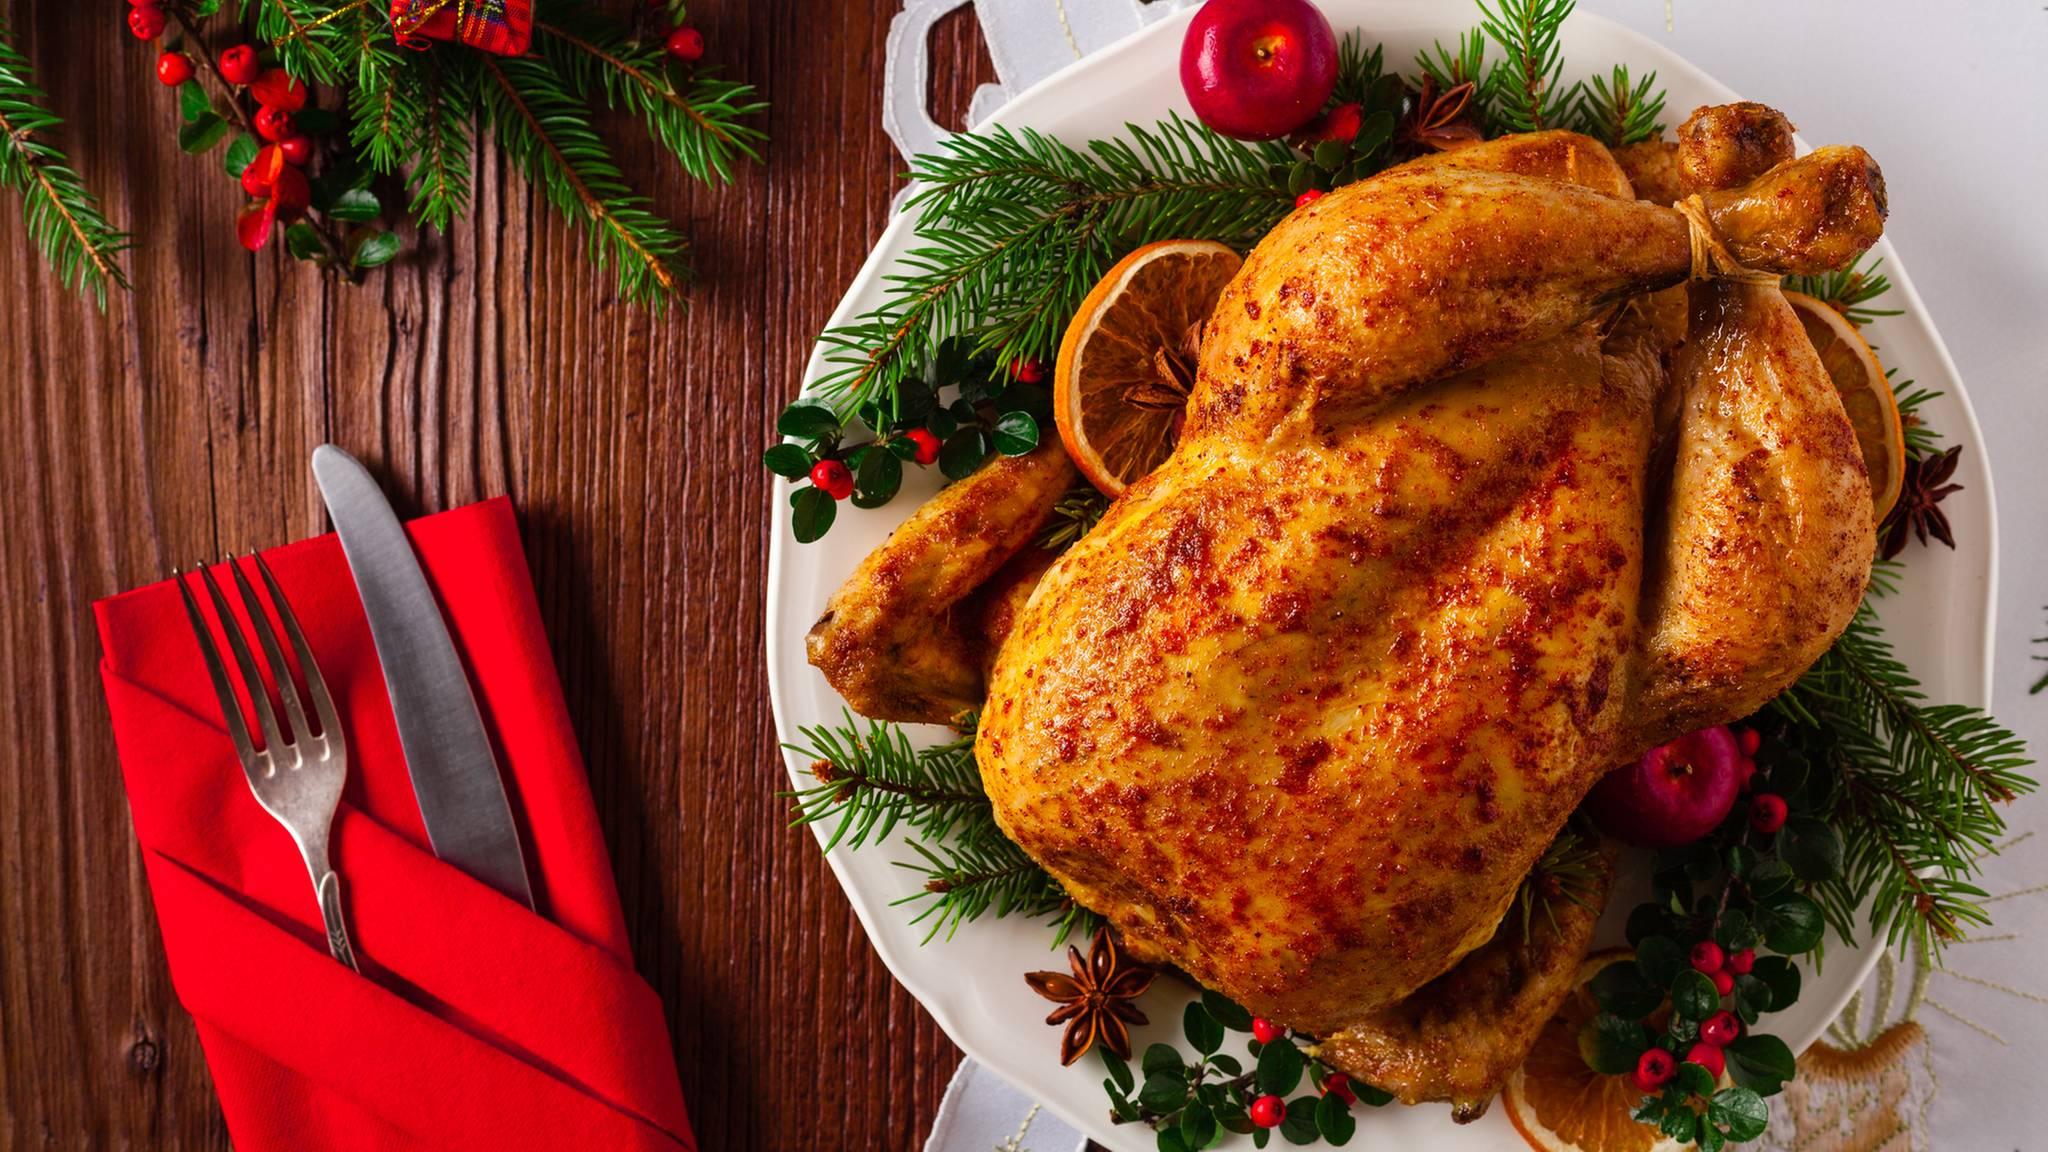 Amerikanisches Weihnachtsessen.Weihnachtskuche Das Ultimative Rezept Fur Ihre Festtagspute